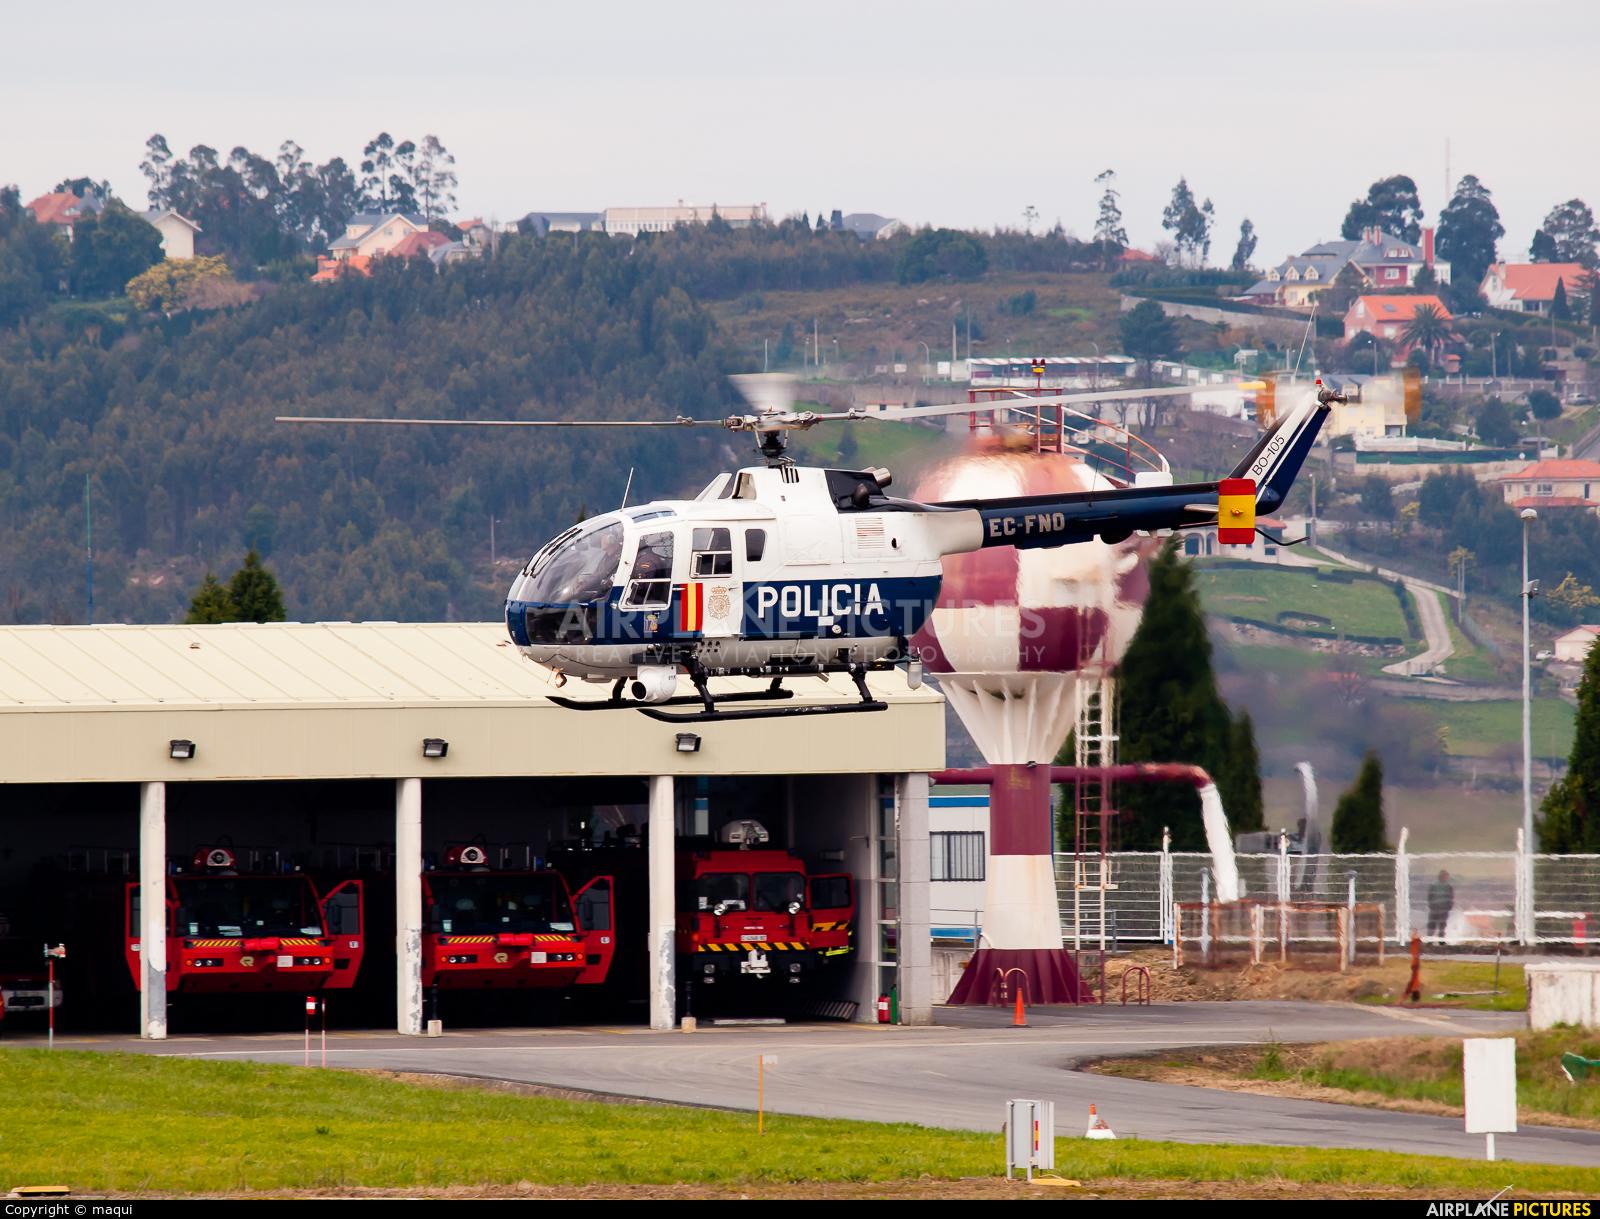 Spain - Police EC-FNO aircraft at La Coruña